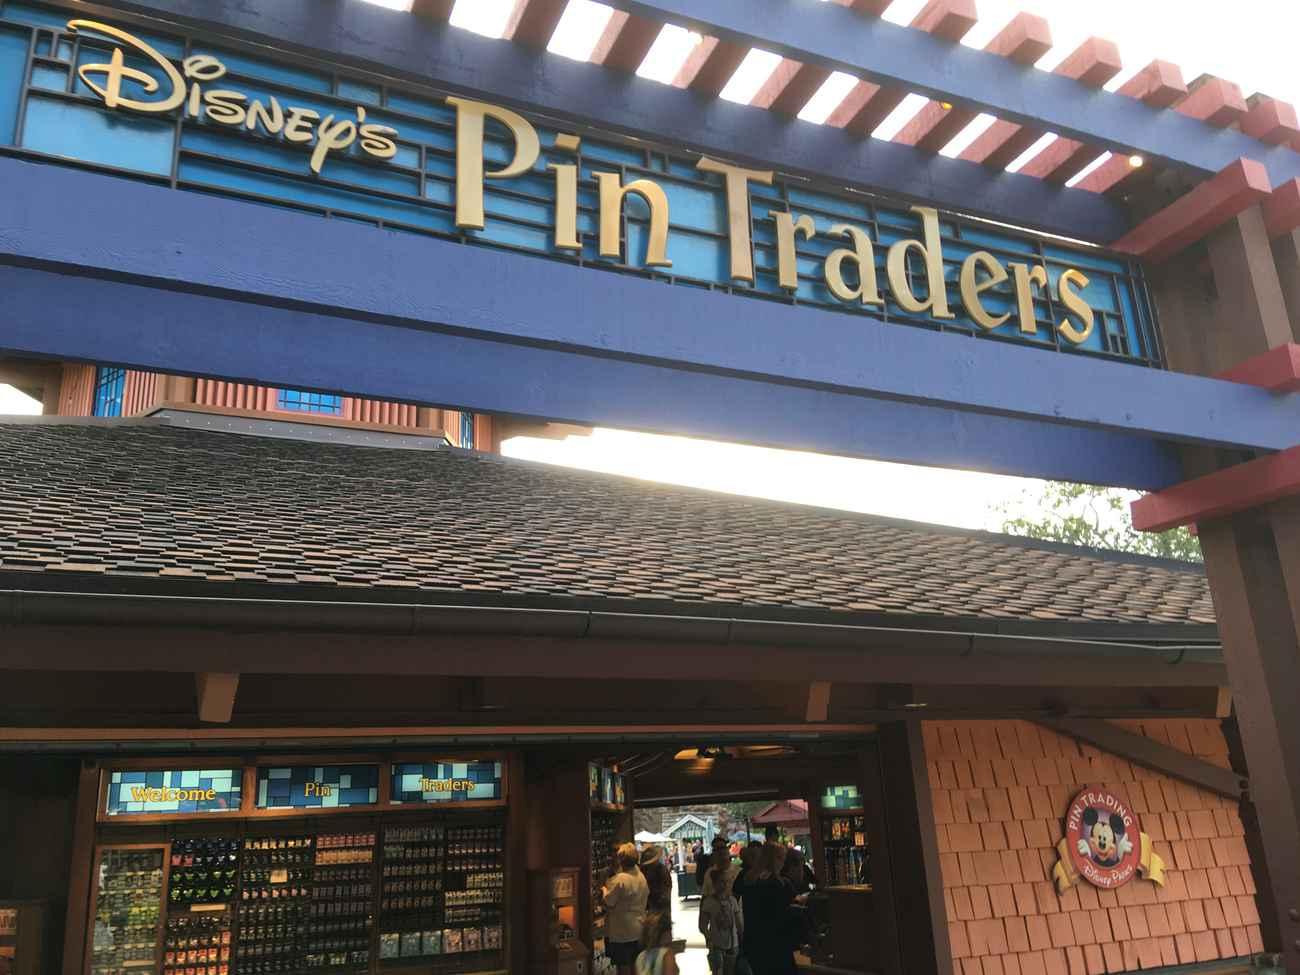 Pin Traders